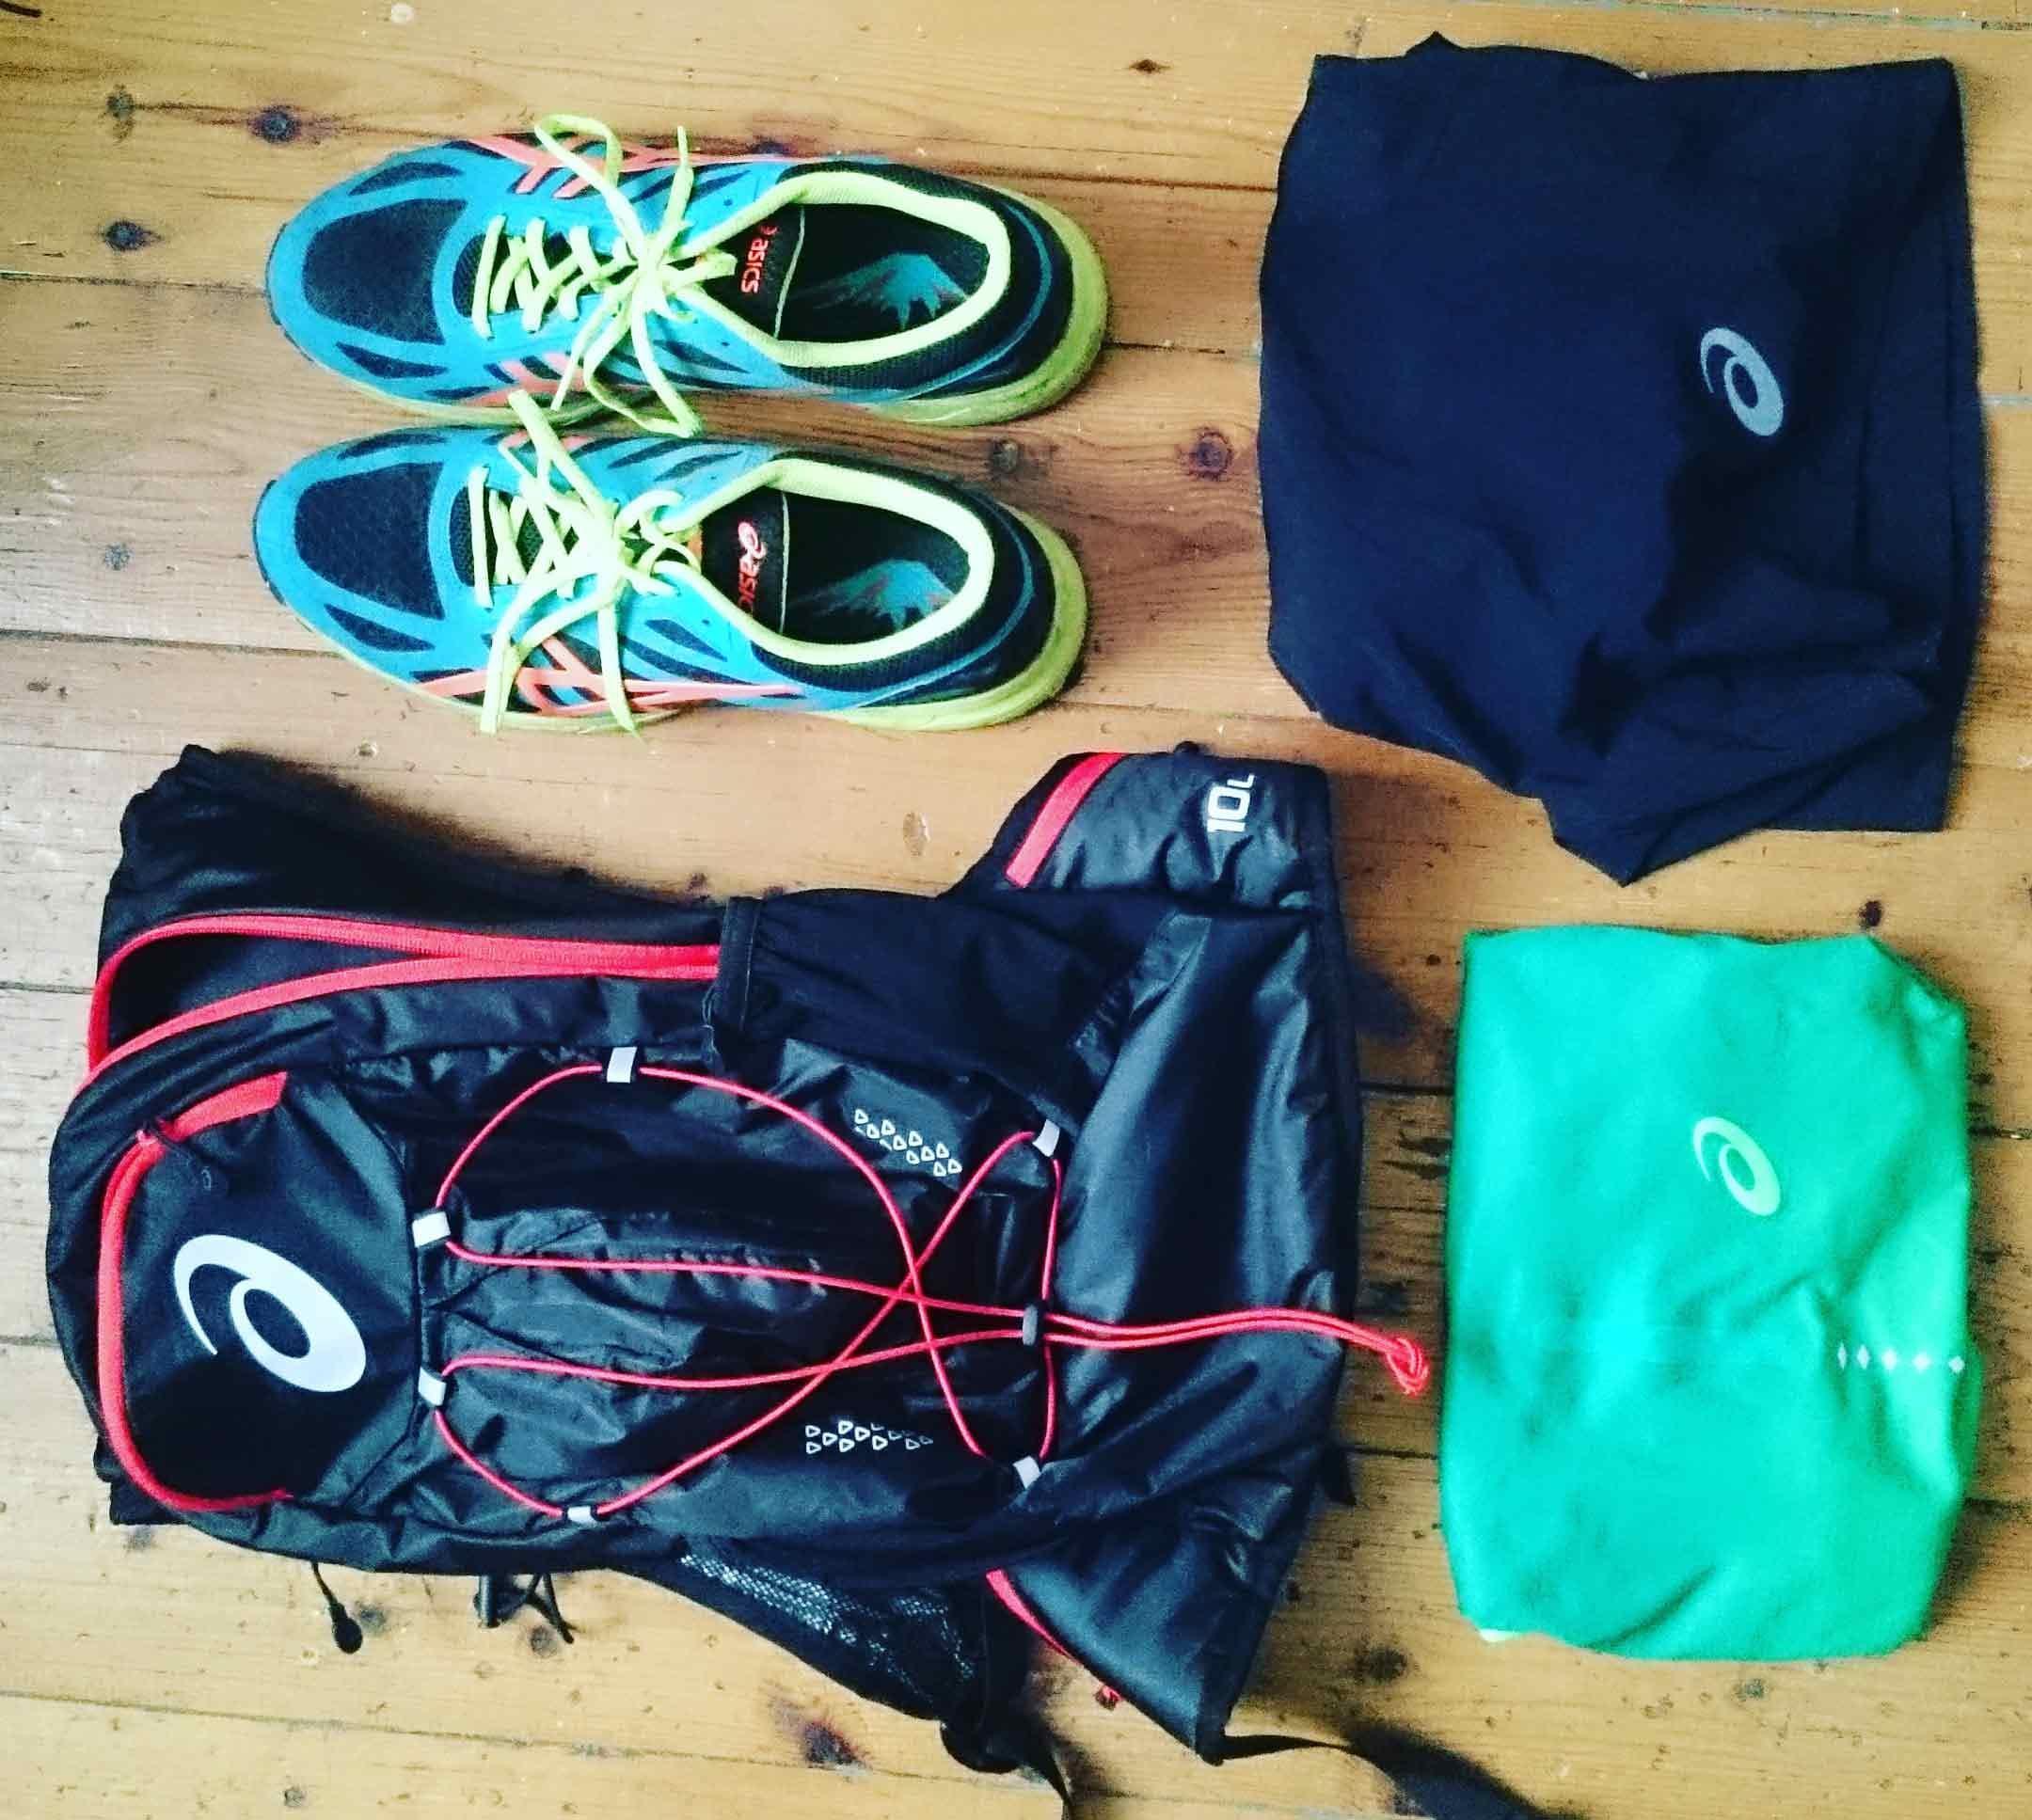 Die richtige Ausrüstung fürs Trailrunning sollte unbedingt im Gepäck sein.